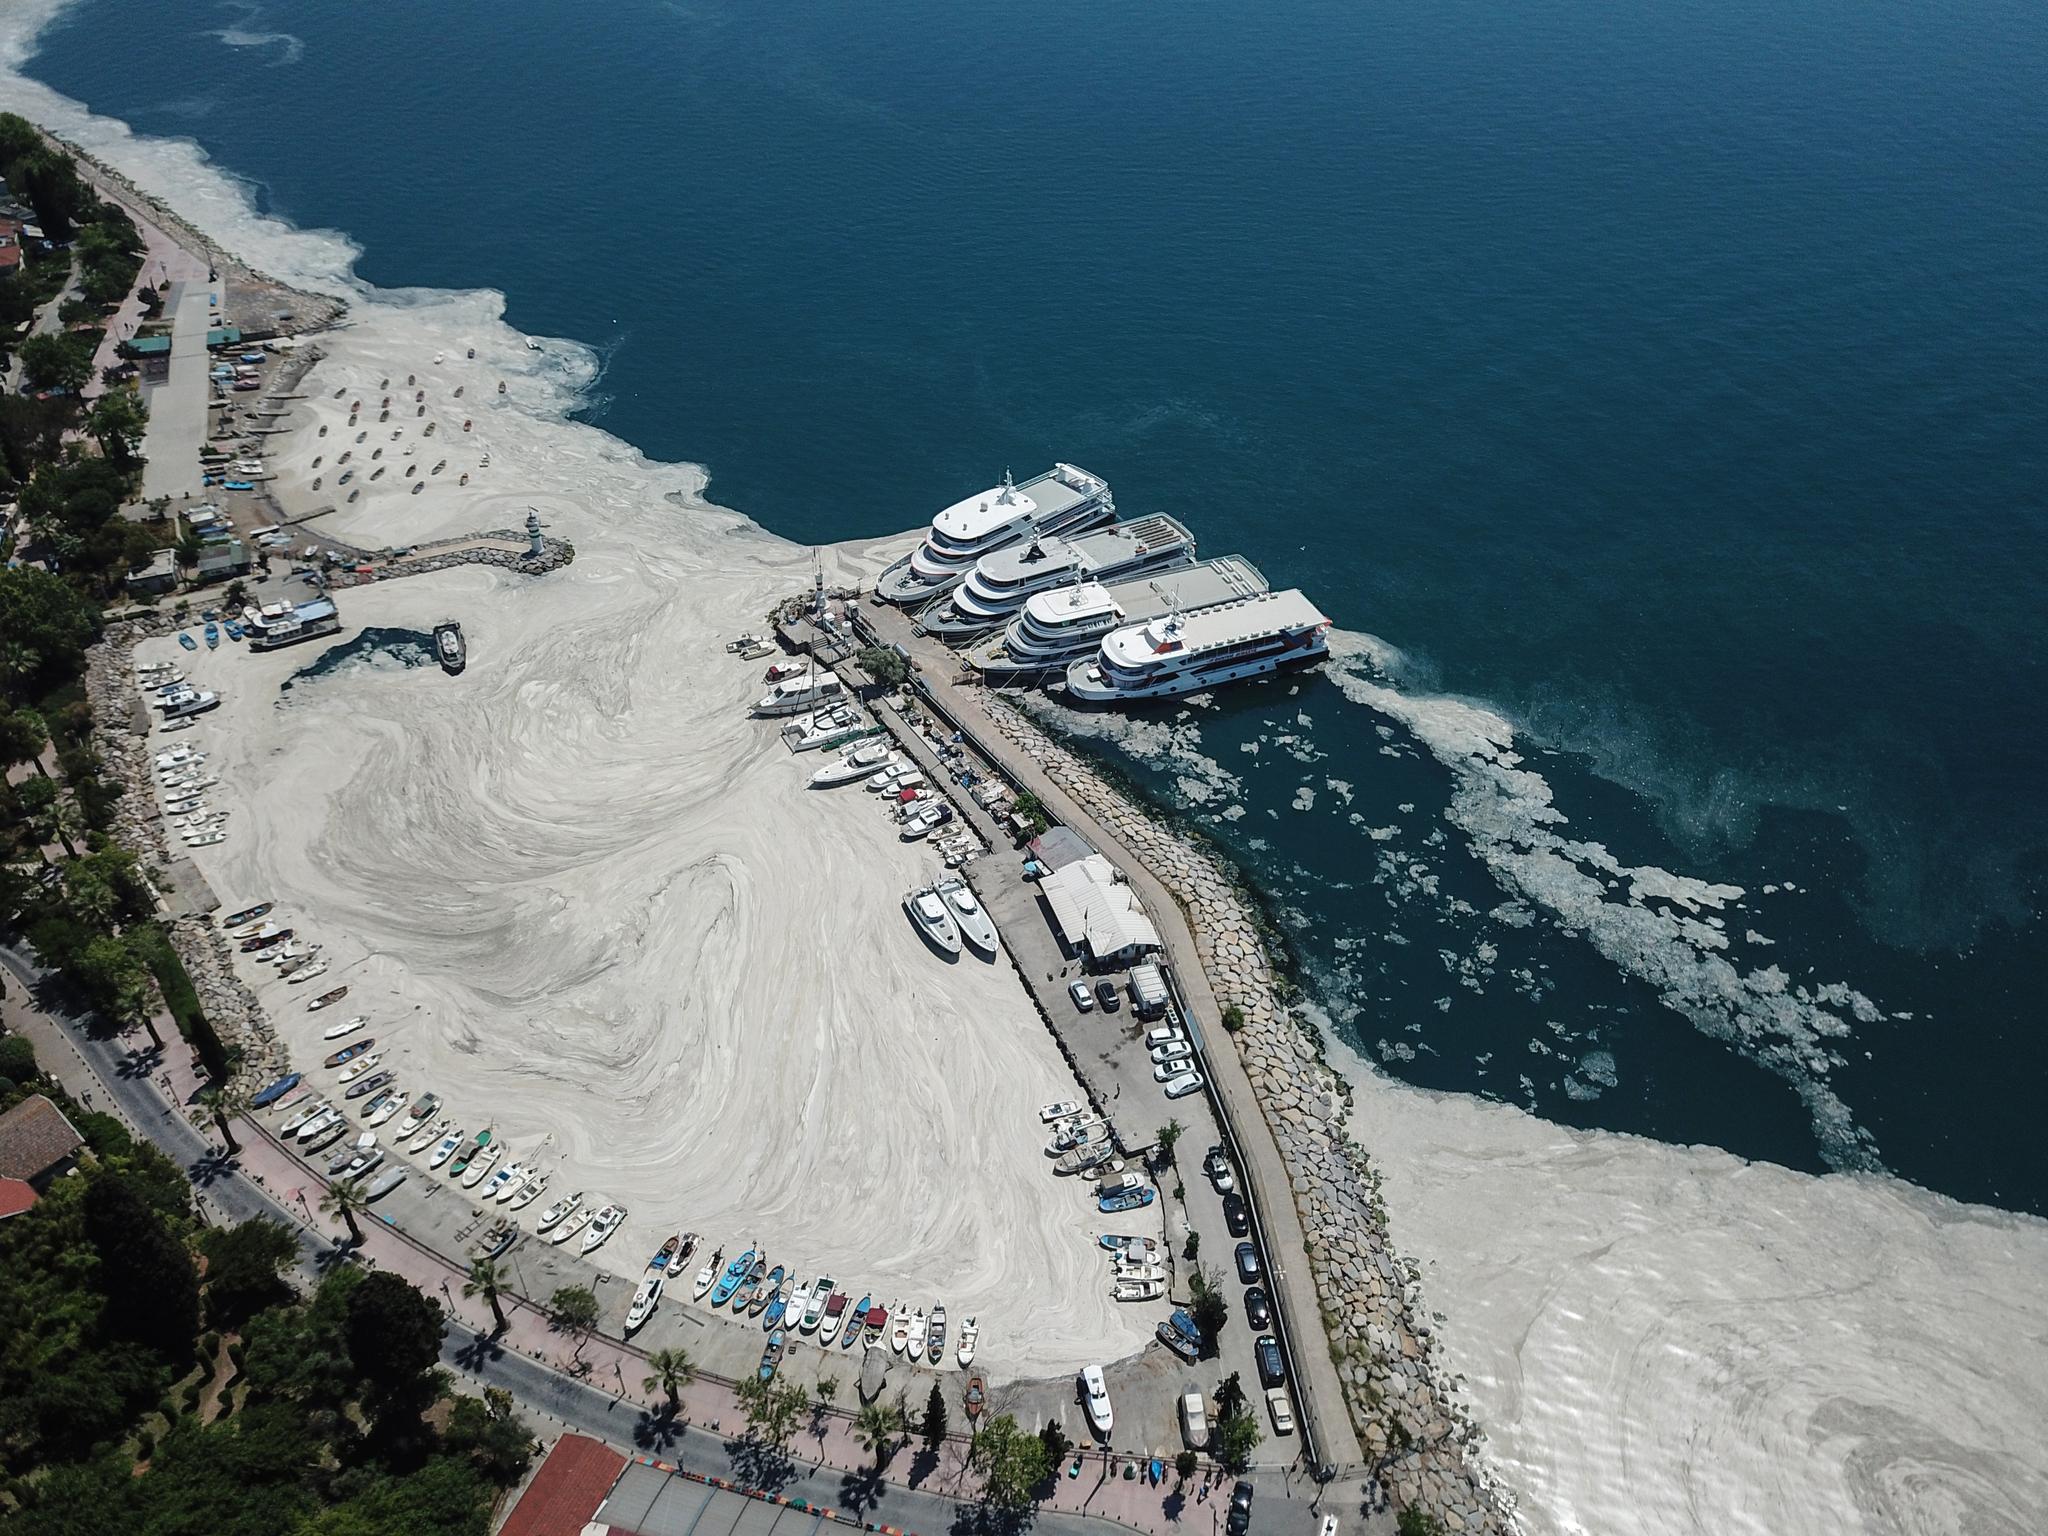 '바다의 콧물'이라고 불리는 해양점액이 6일 터키 이스탄불 마르마라해의 한 항구 주변을 하얗게 덮고 있다. 해양점액은 터키 최대도시 이스탄불에서 발생하기 시작해 마르마라 해안을 따라 다른 지역과 에게해 북부로까지 번지고 있다. 이 물질은 마르마라 해의 상당부분을 뒤덮고 있어 환경과 해양생물에 심각한 위협이 되고 있으며 터키 정부는 제거작업을 위한 부서를 발족했다. 신화=연합뉴스